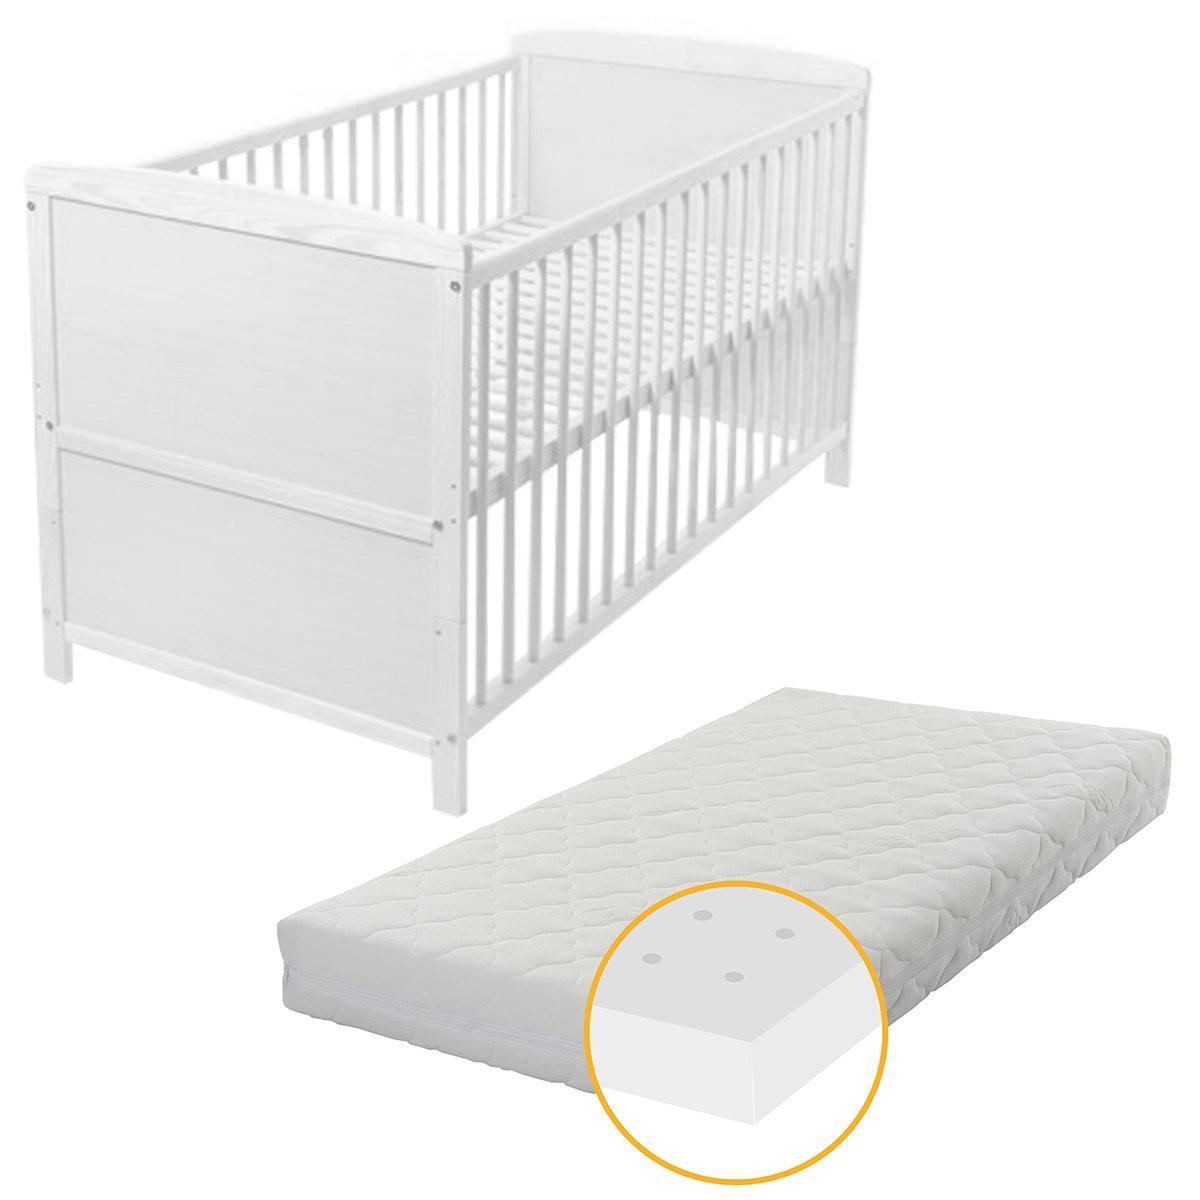 Baby- Kinder- und Jugend- Bett, Gitterbett, Kiefer teilmassiv, 140x70 cm, Babyblume TINA, Weiß